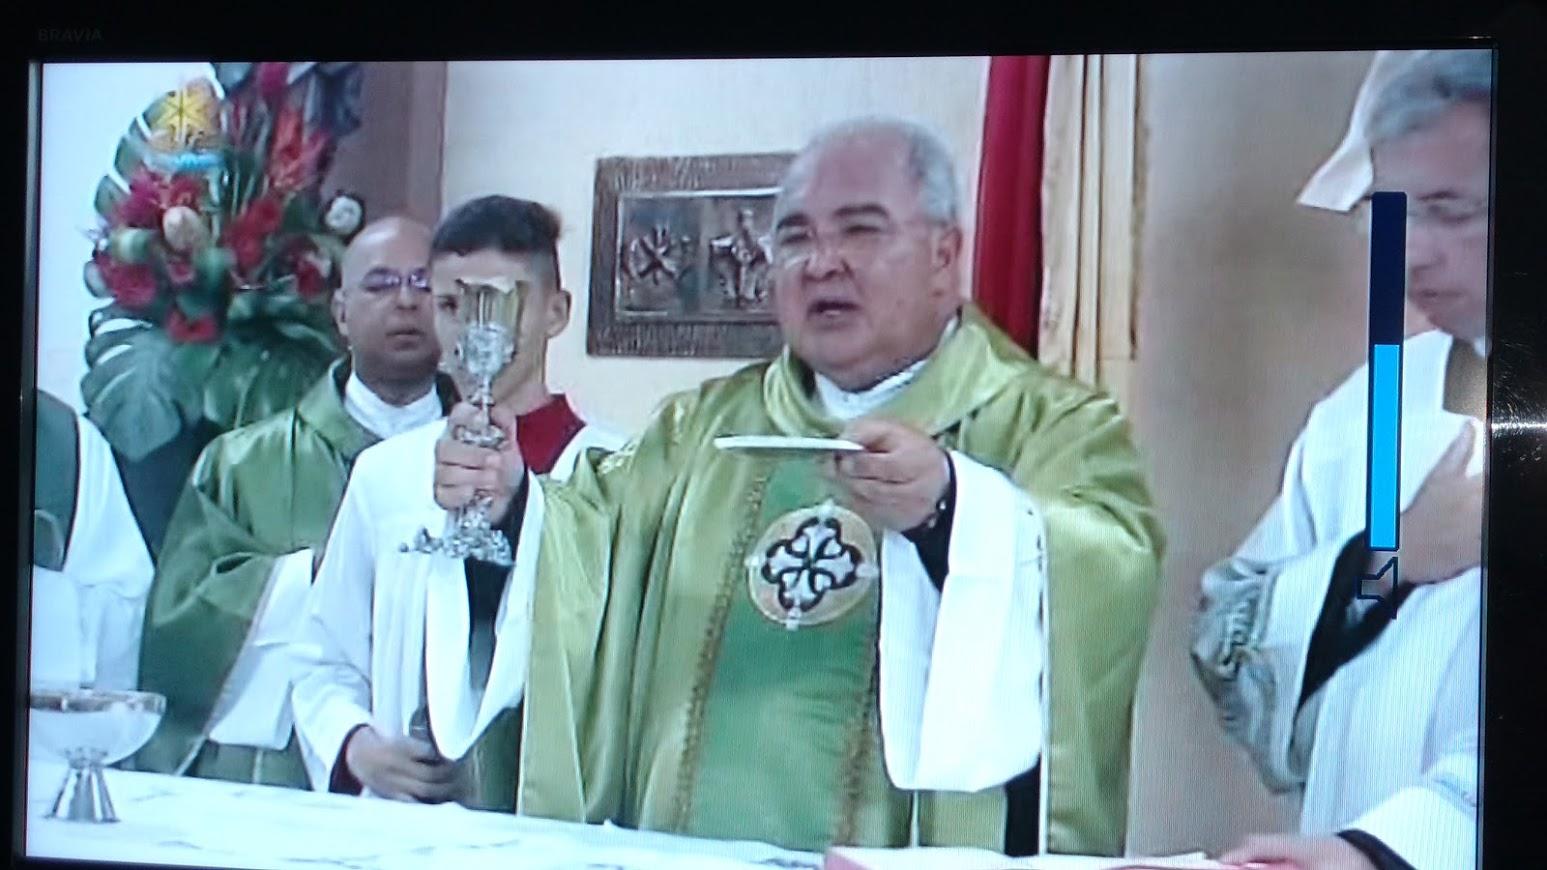 Dom Orani na Missa no momento do Encerramento da Oração Eucarística. Usa paramentos verde. Com a patena elevada em sua mão e o diácono ao seu lado, com o cálice elevado.